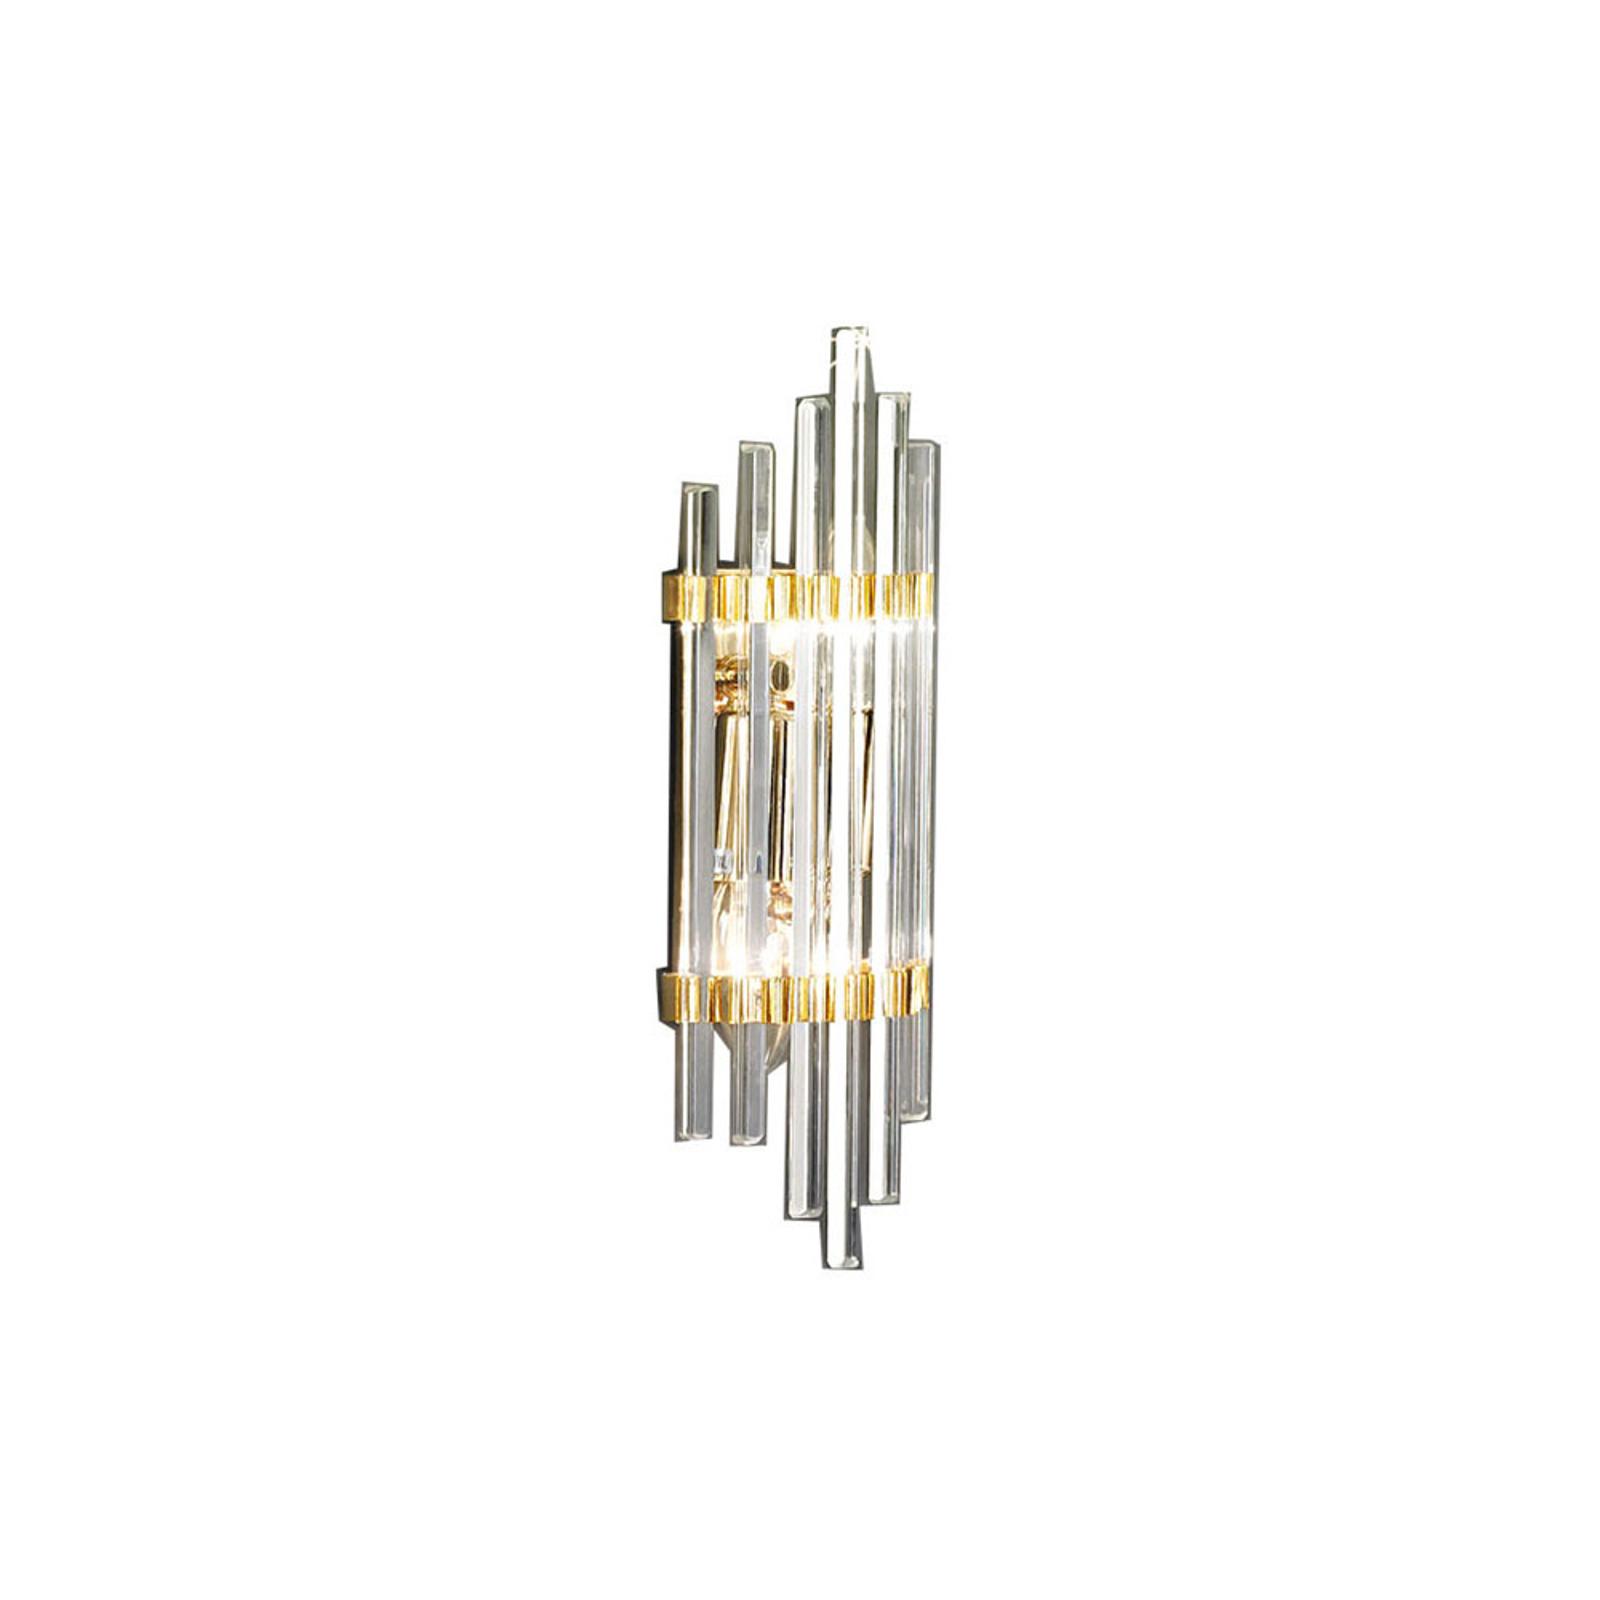 Vegglampe Ontario, høyde 31 cm, gull